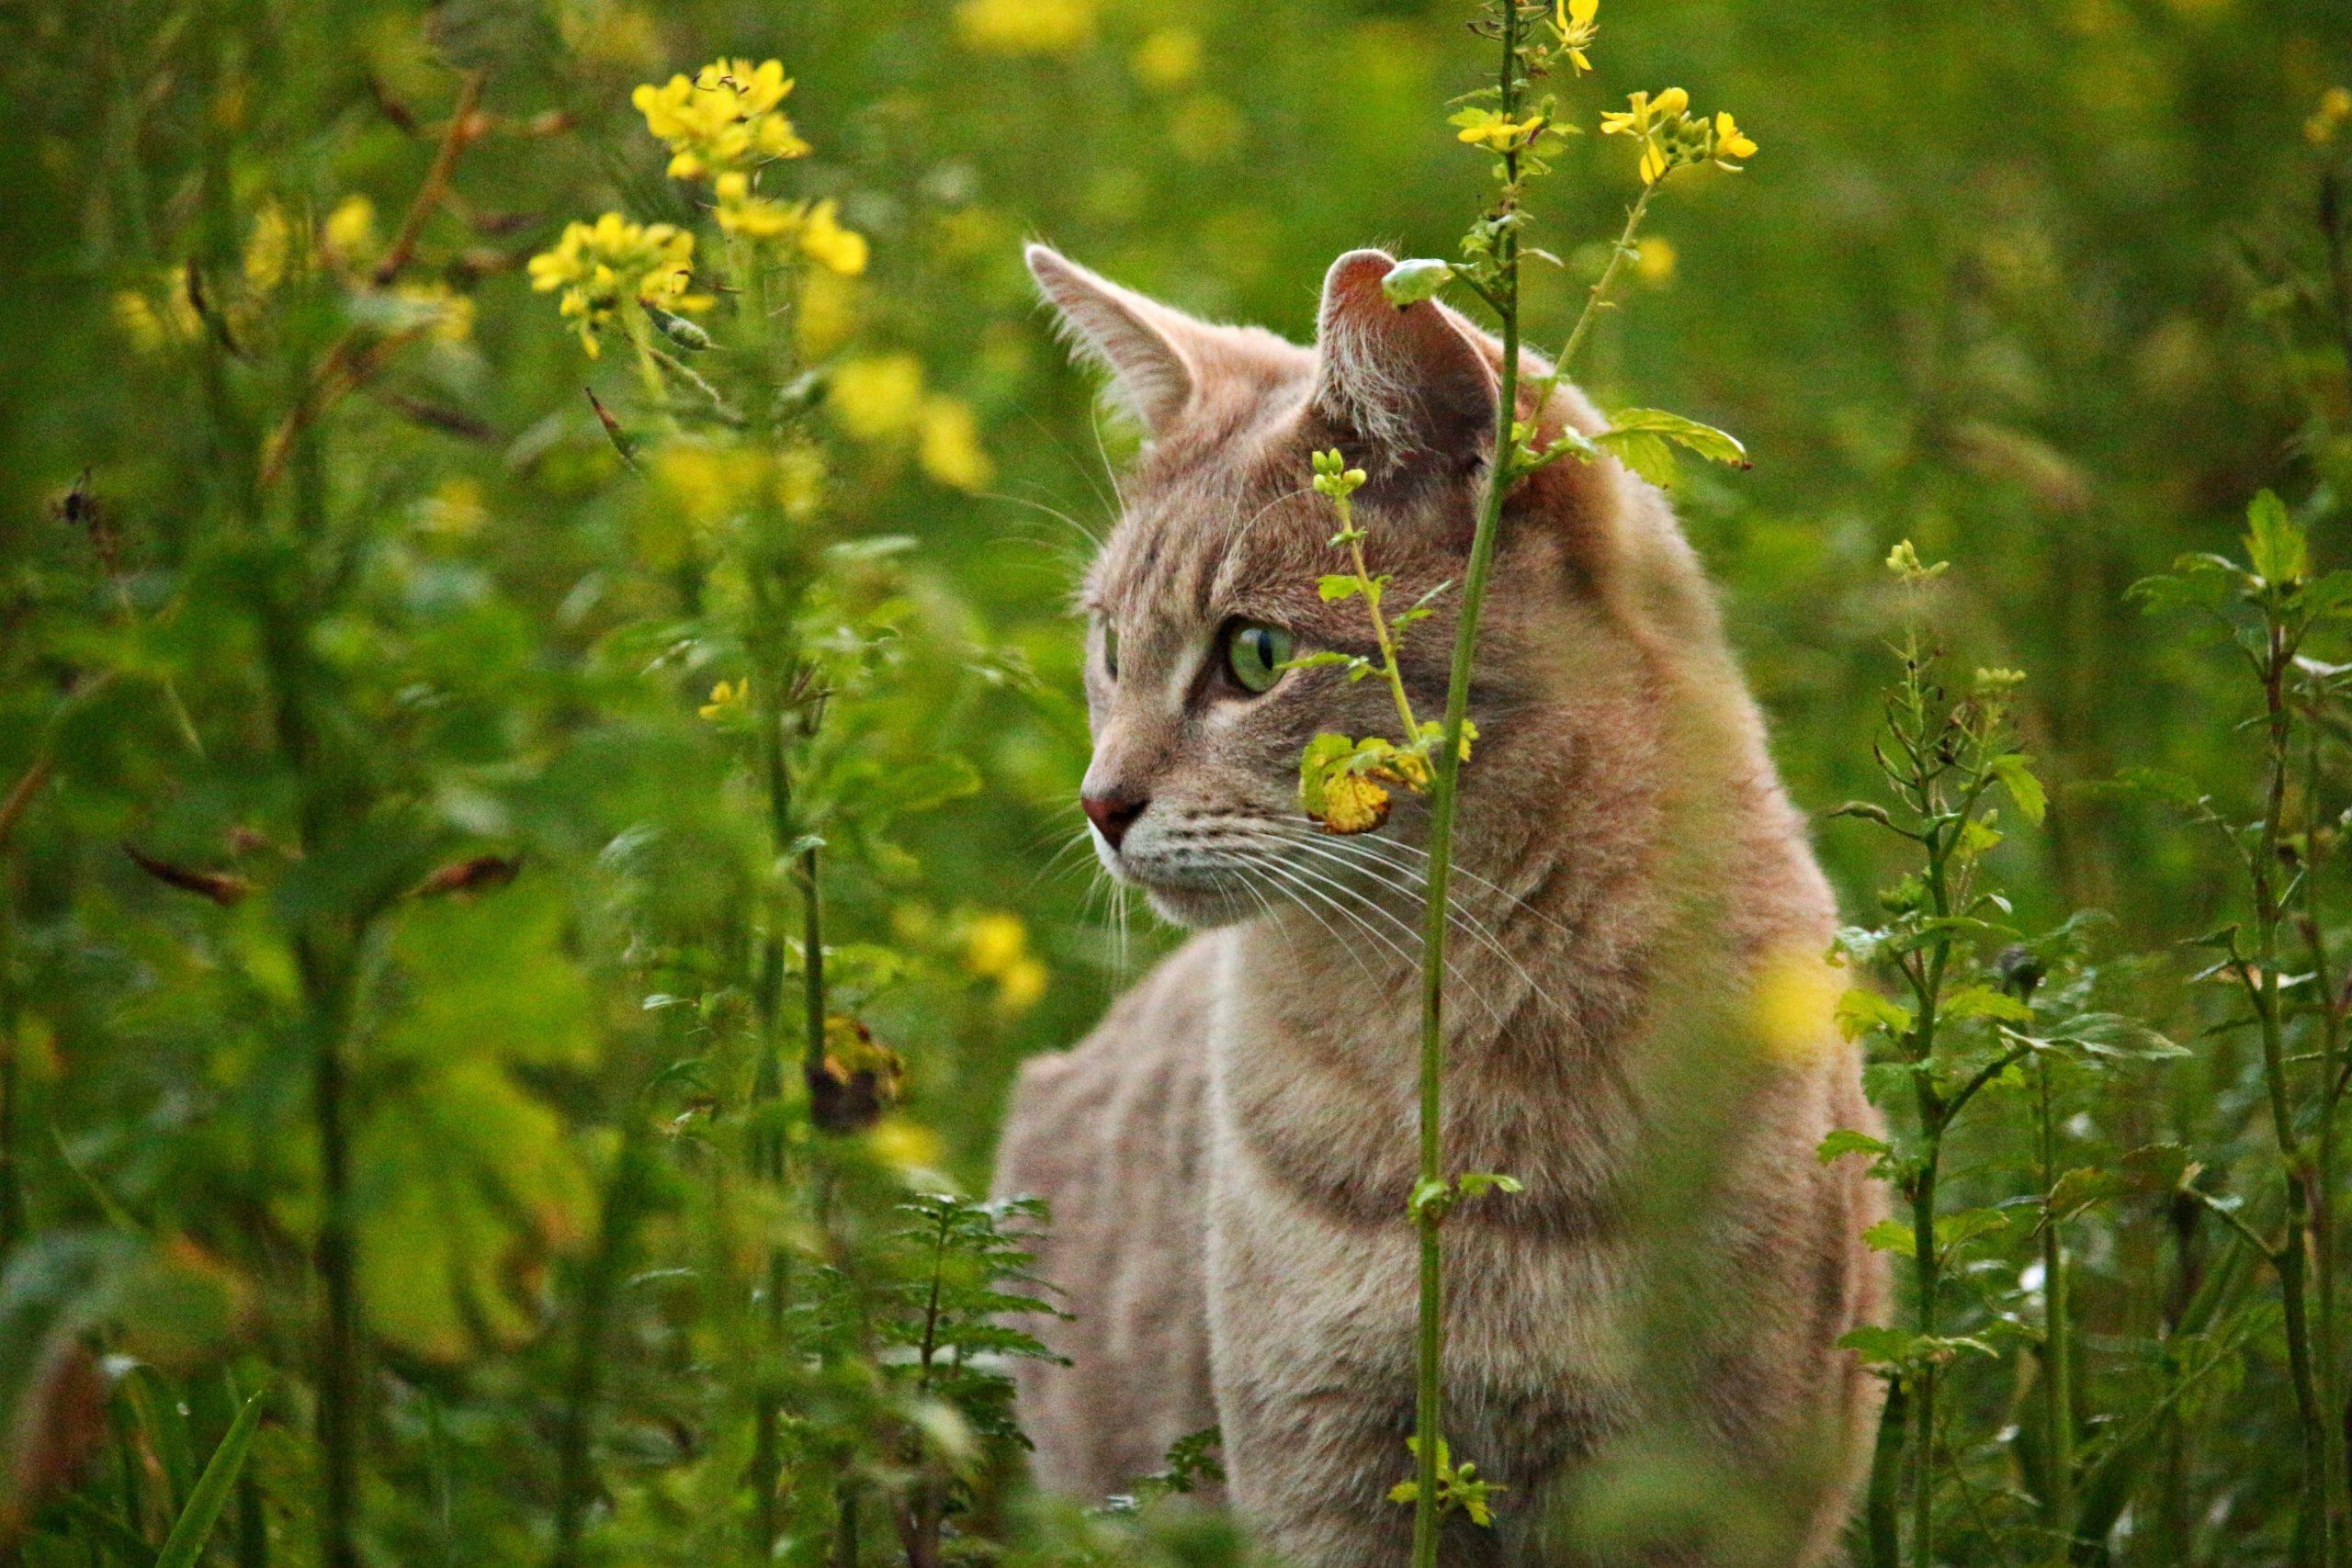 Los gatos tienden a hacer sus necesidades en el jardín